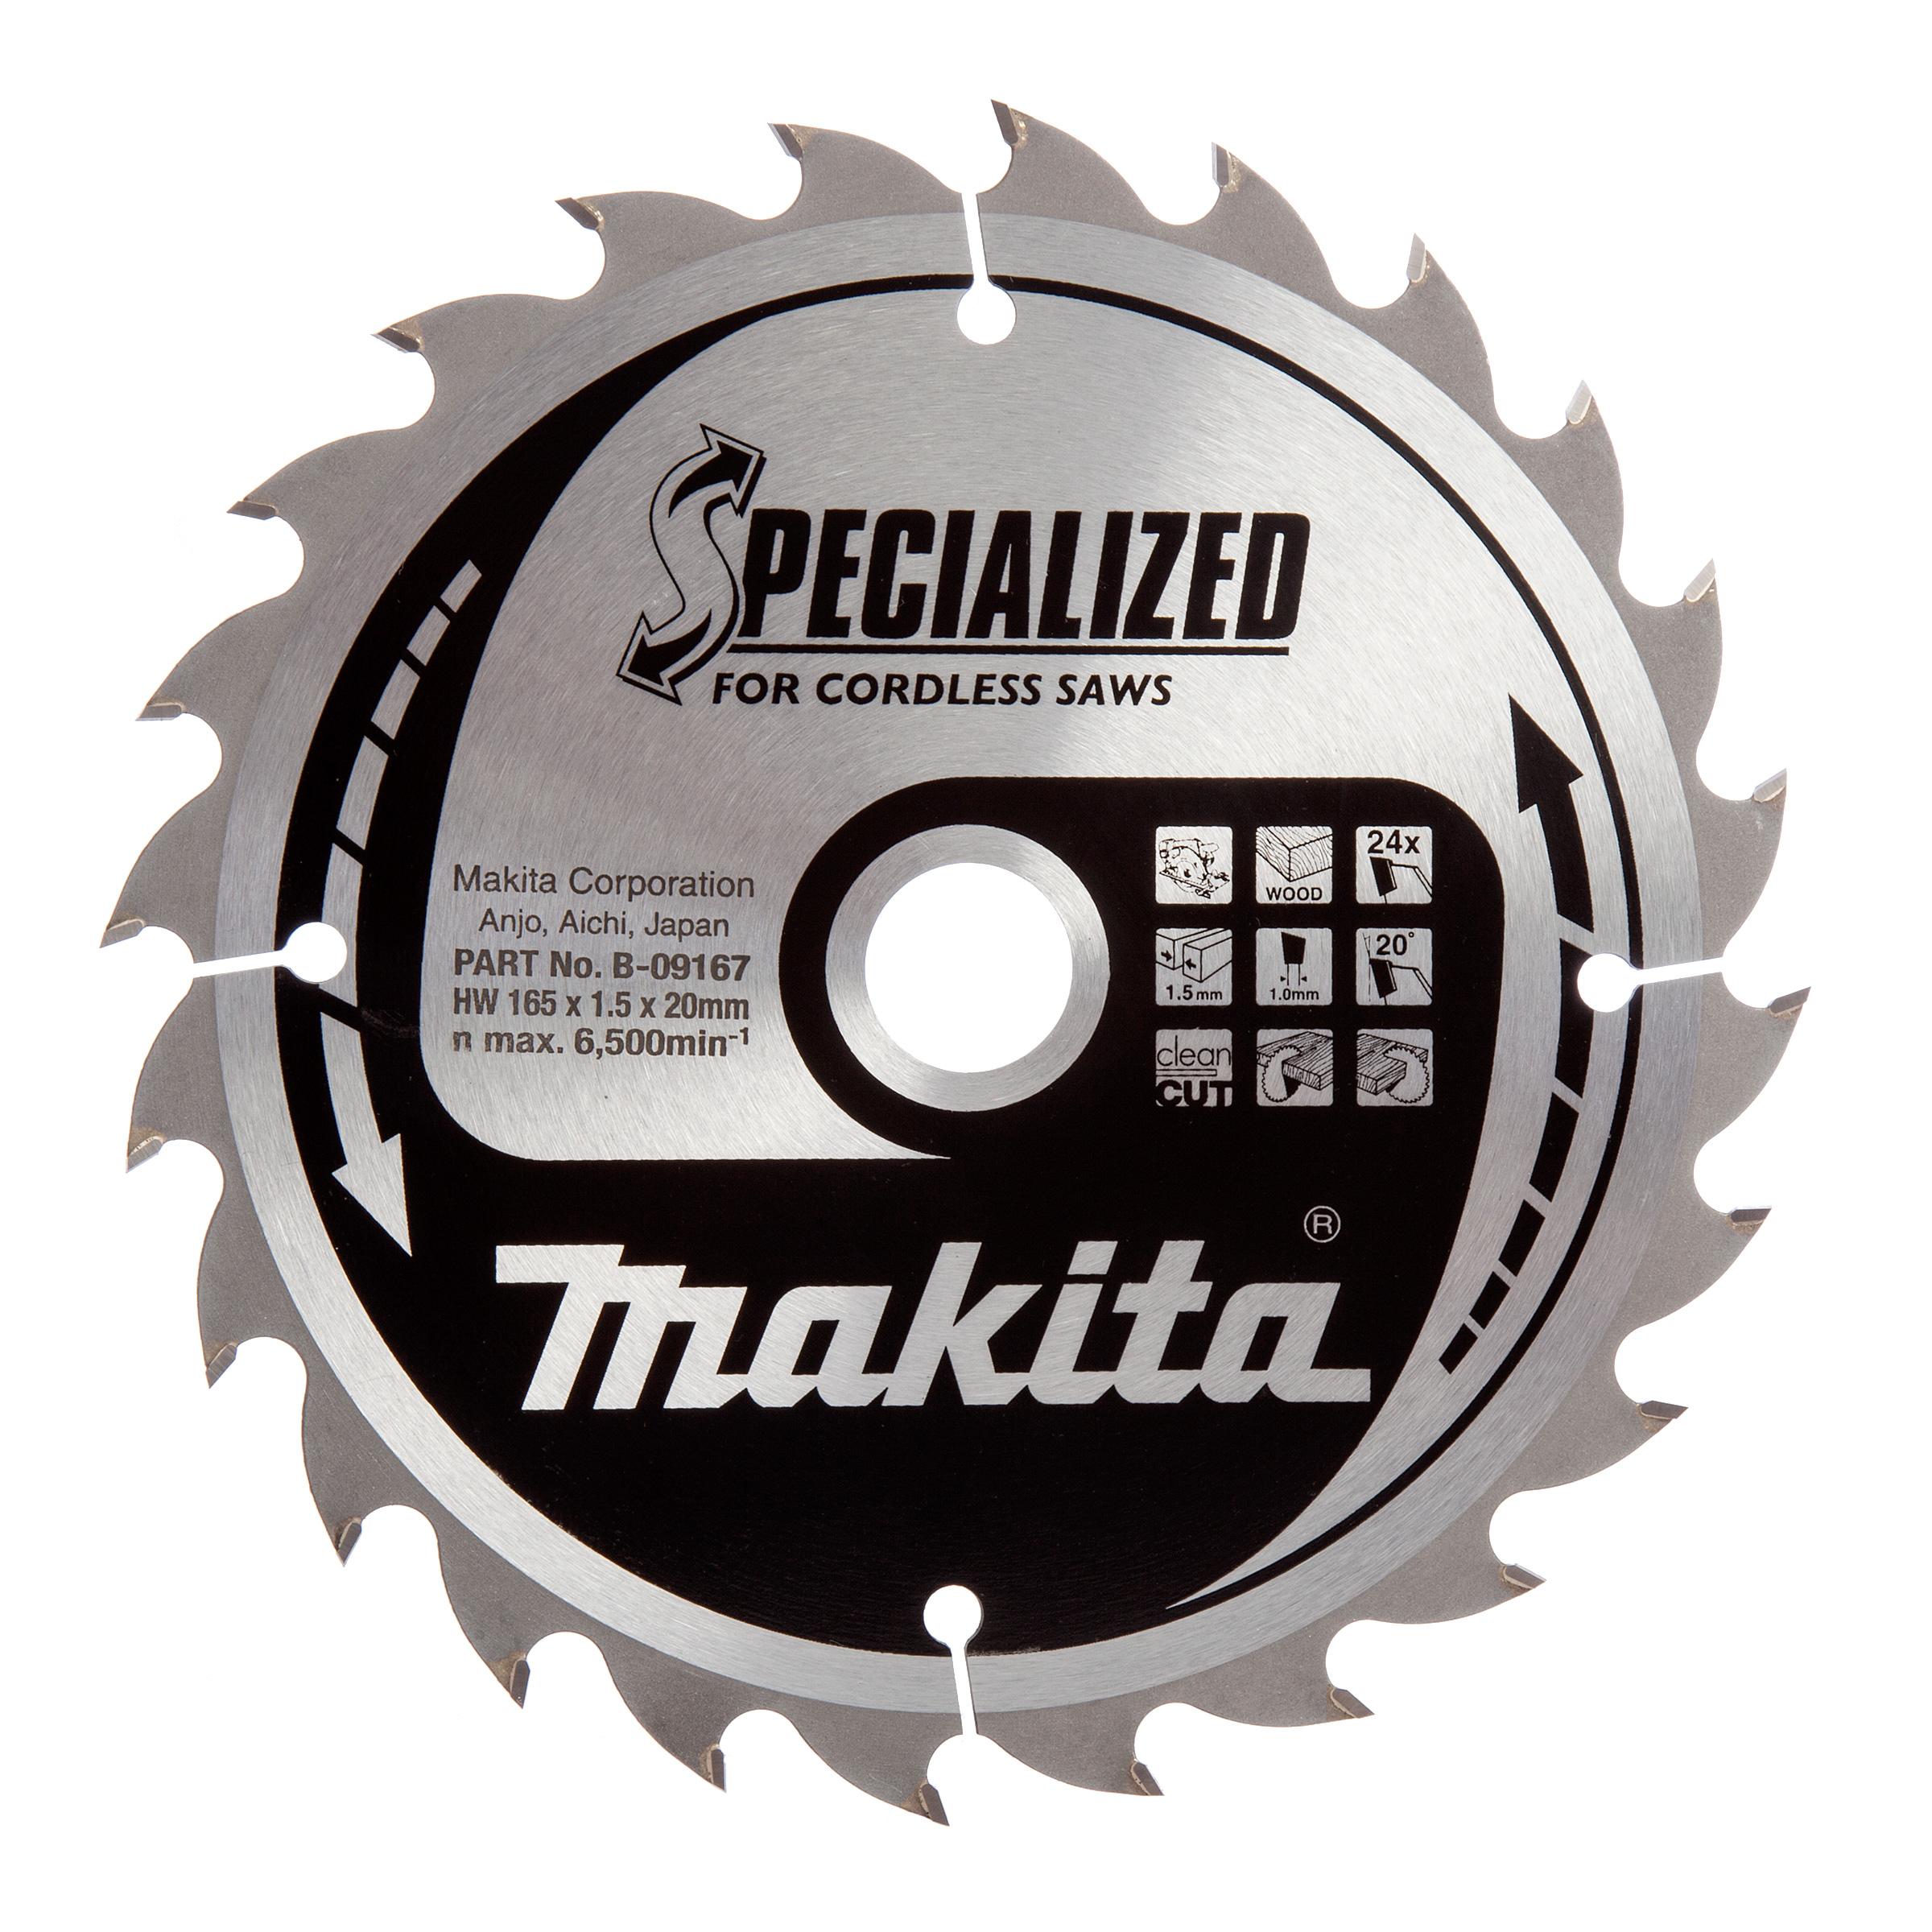 Circular saw blades part shop direct 140mm circular saw blades keyboard keysfo Gallery